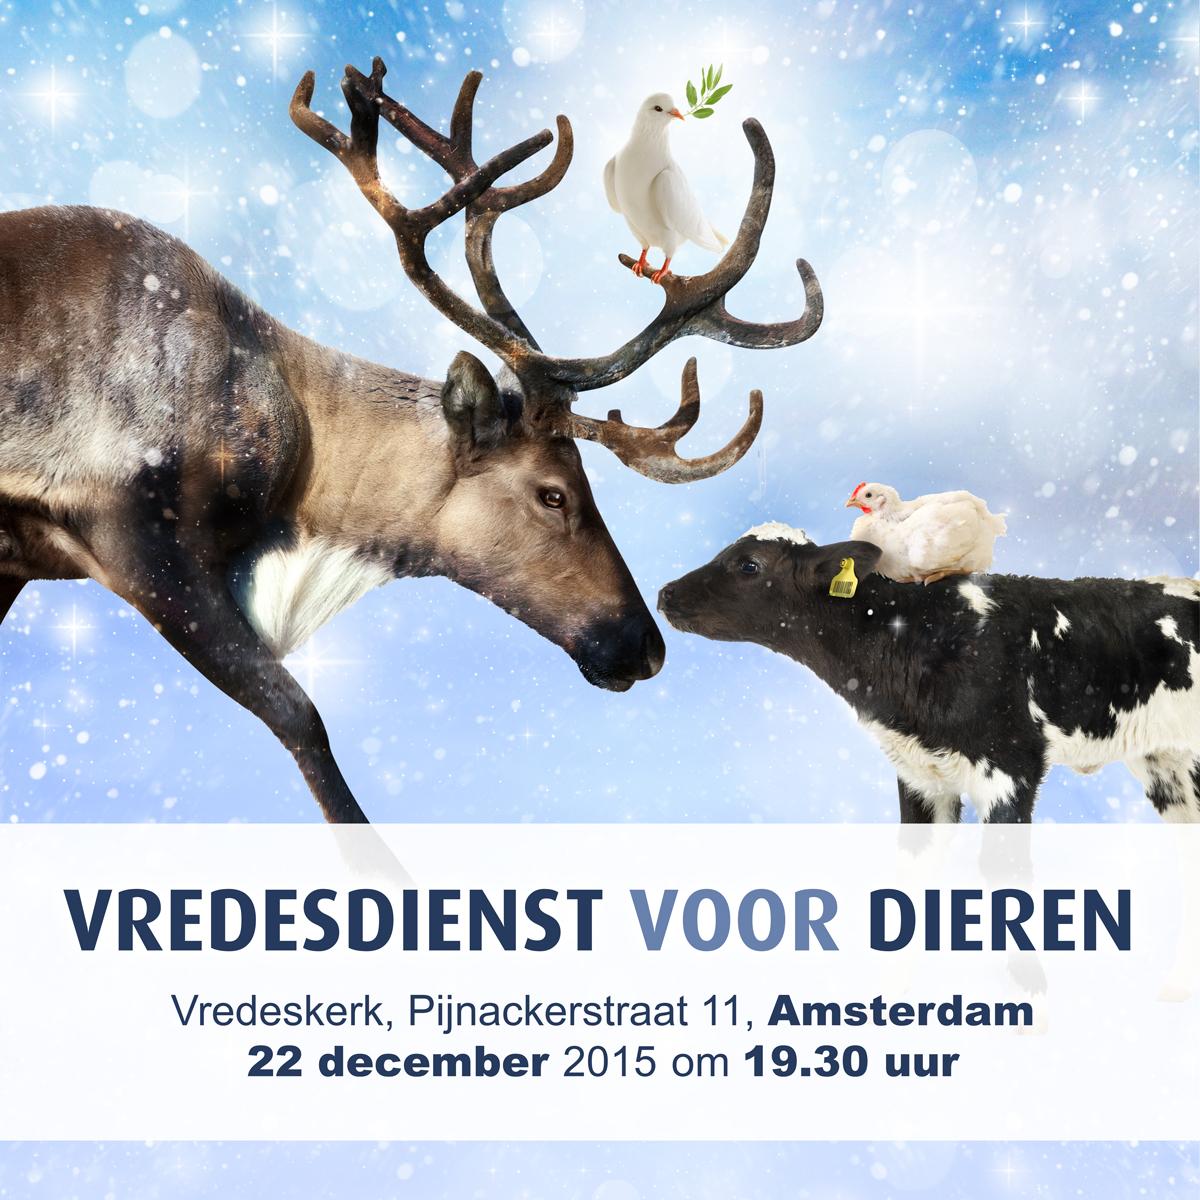 (Nederlands) Vredesdienst